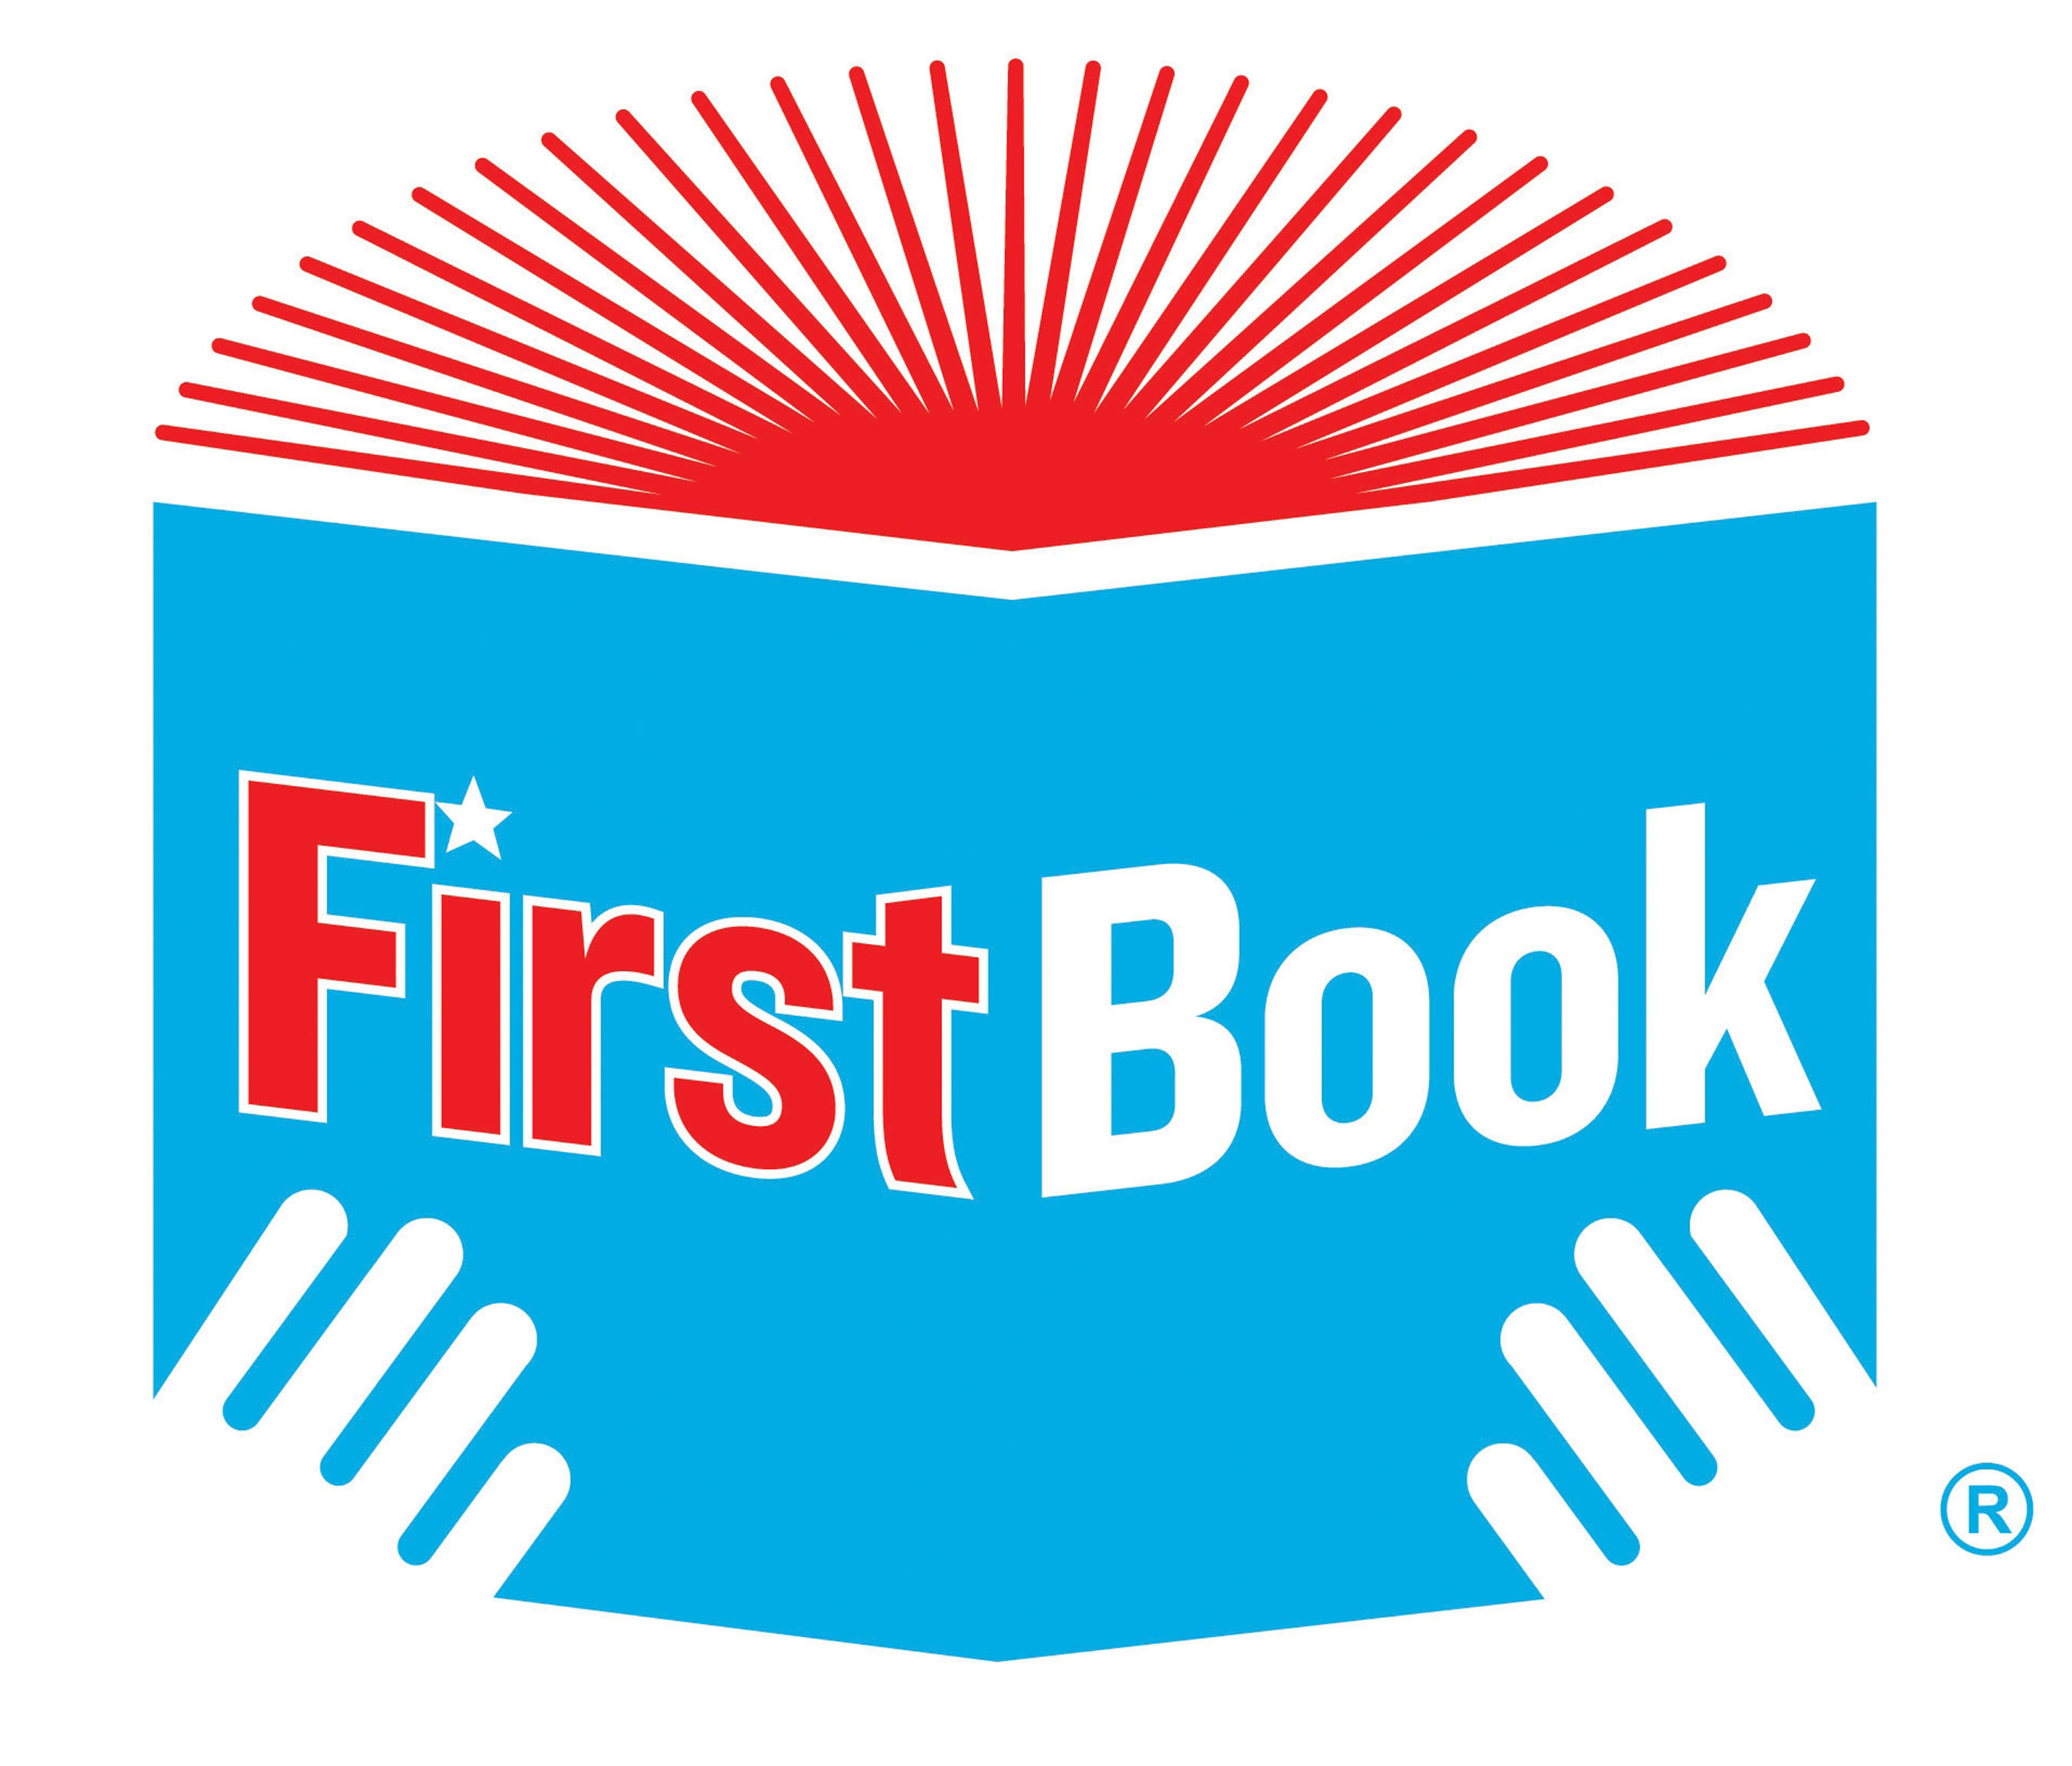 First Book logo